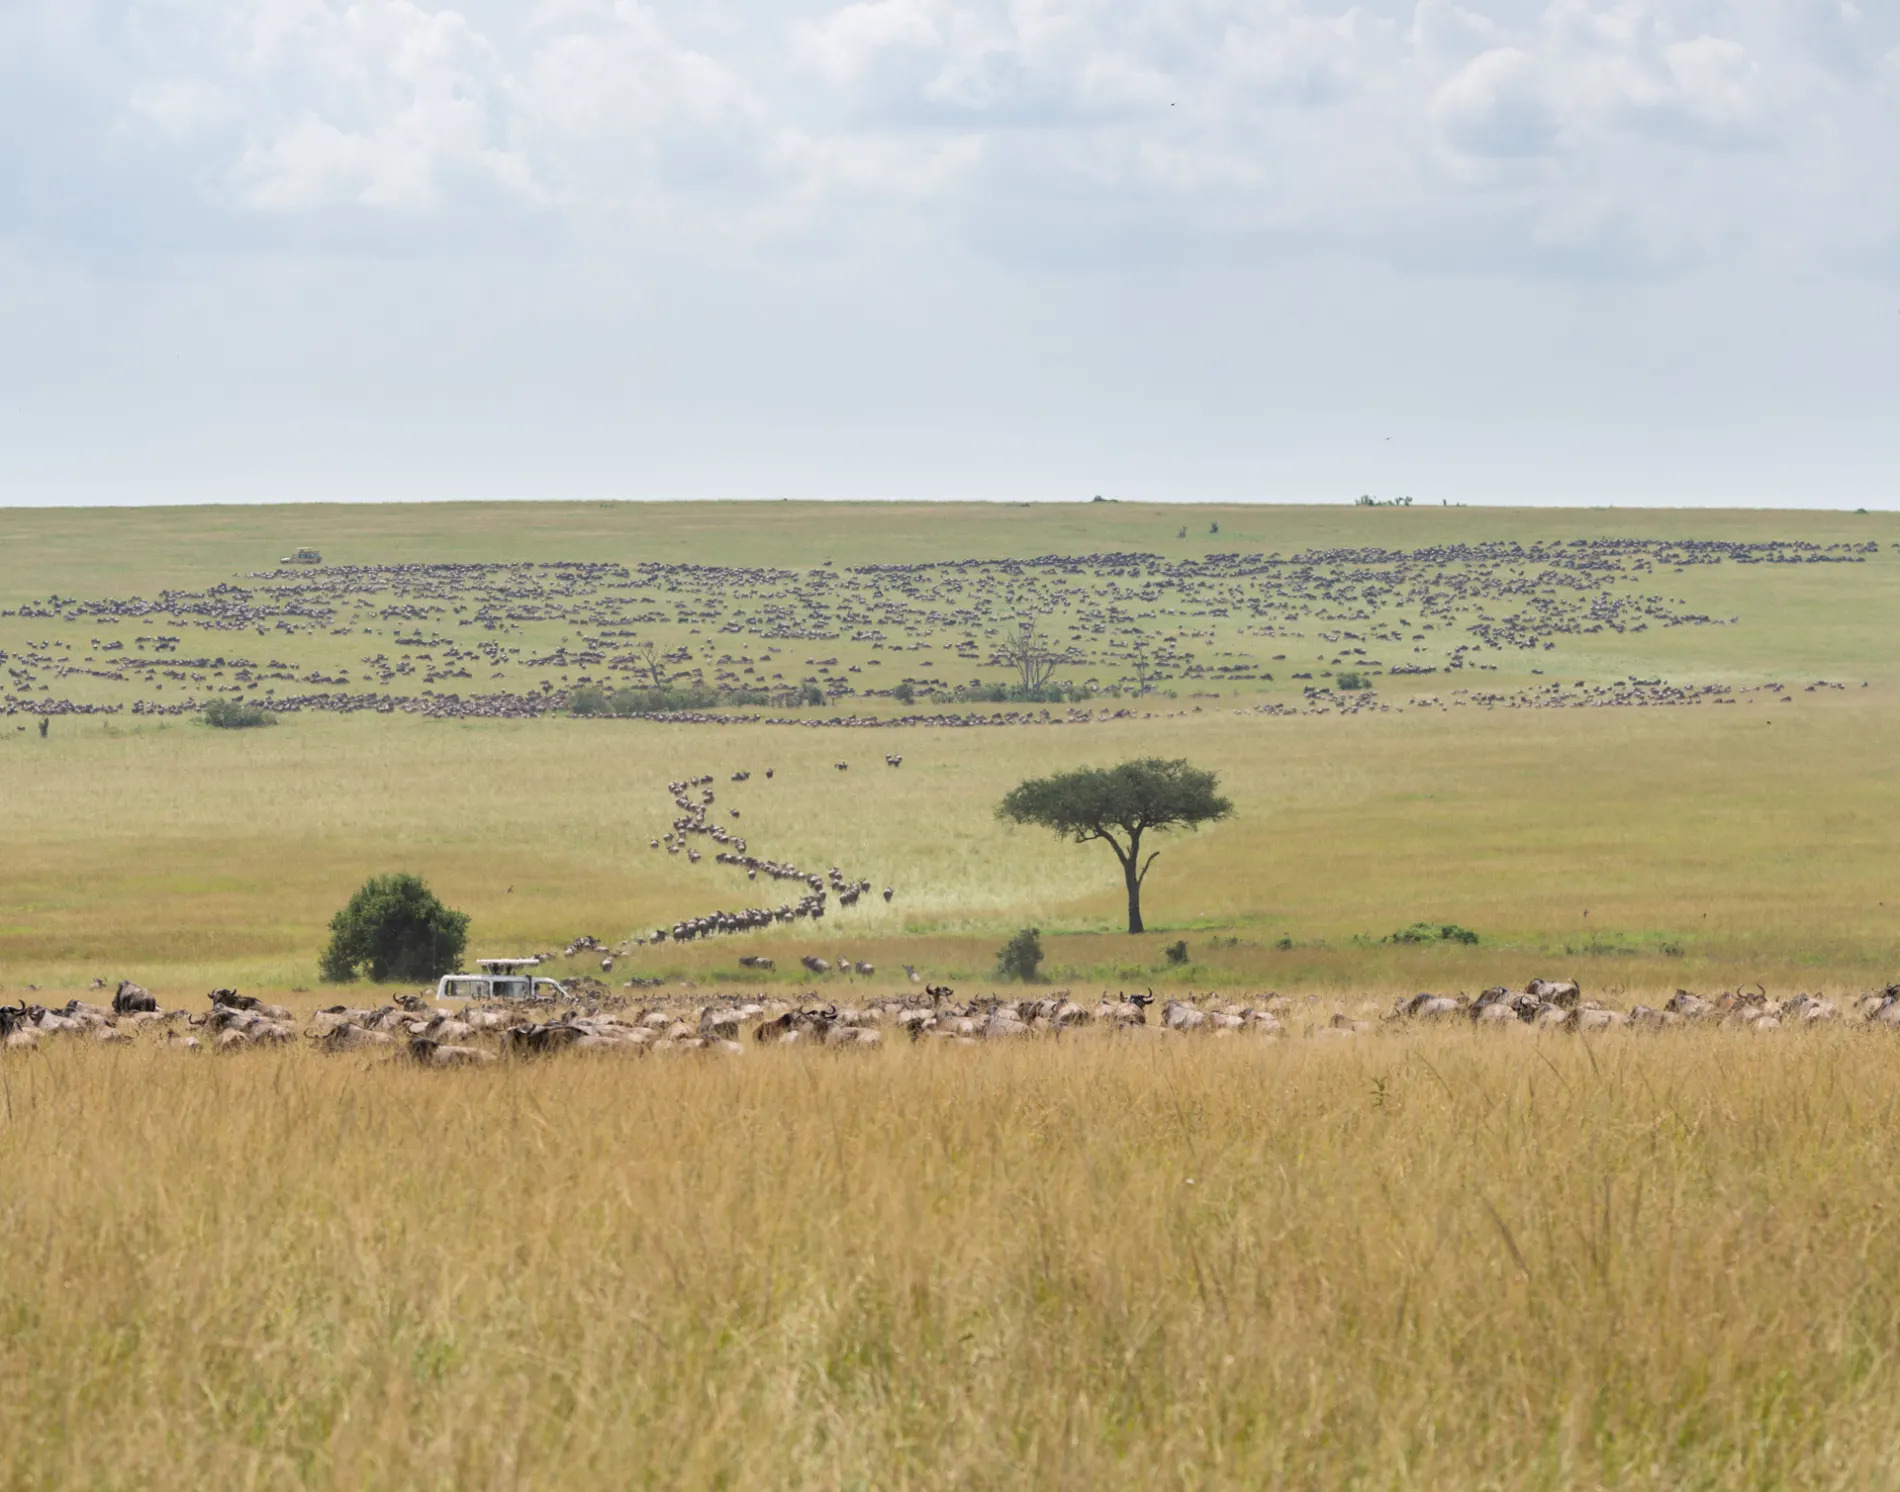 Wildebeest Pano